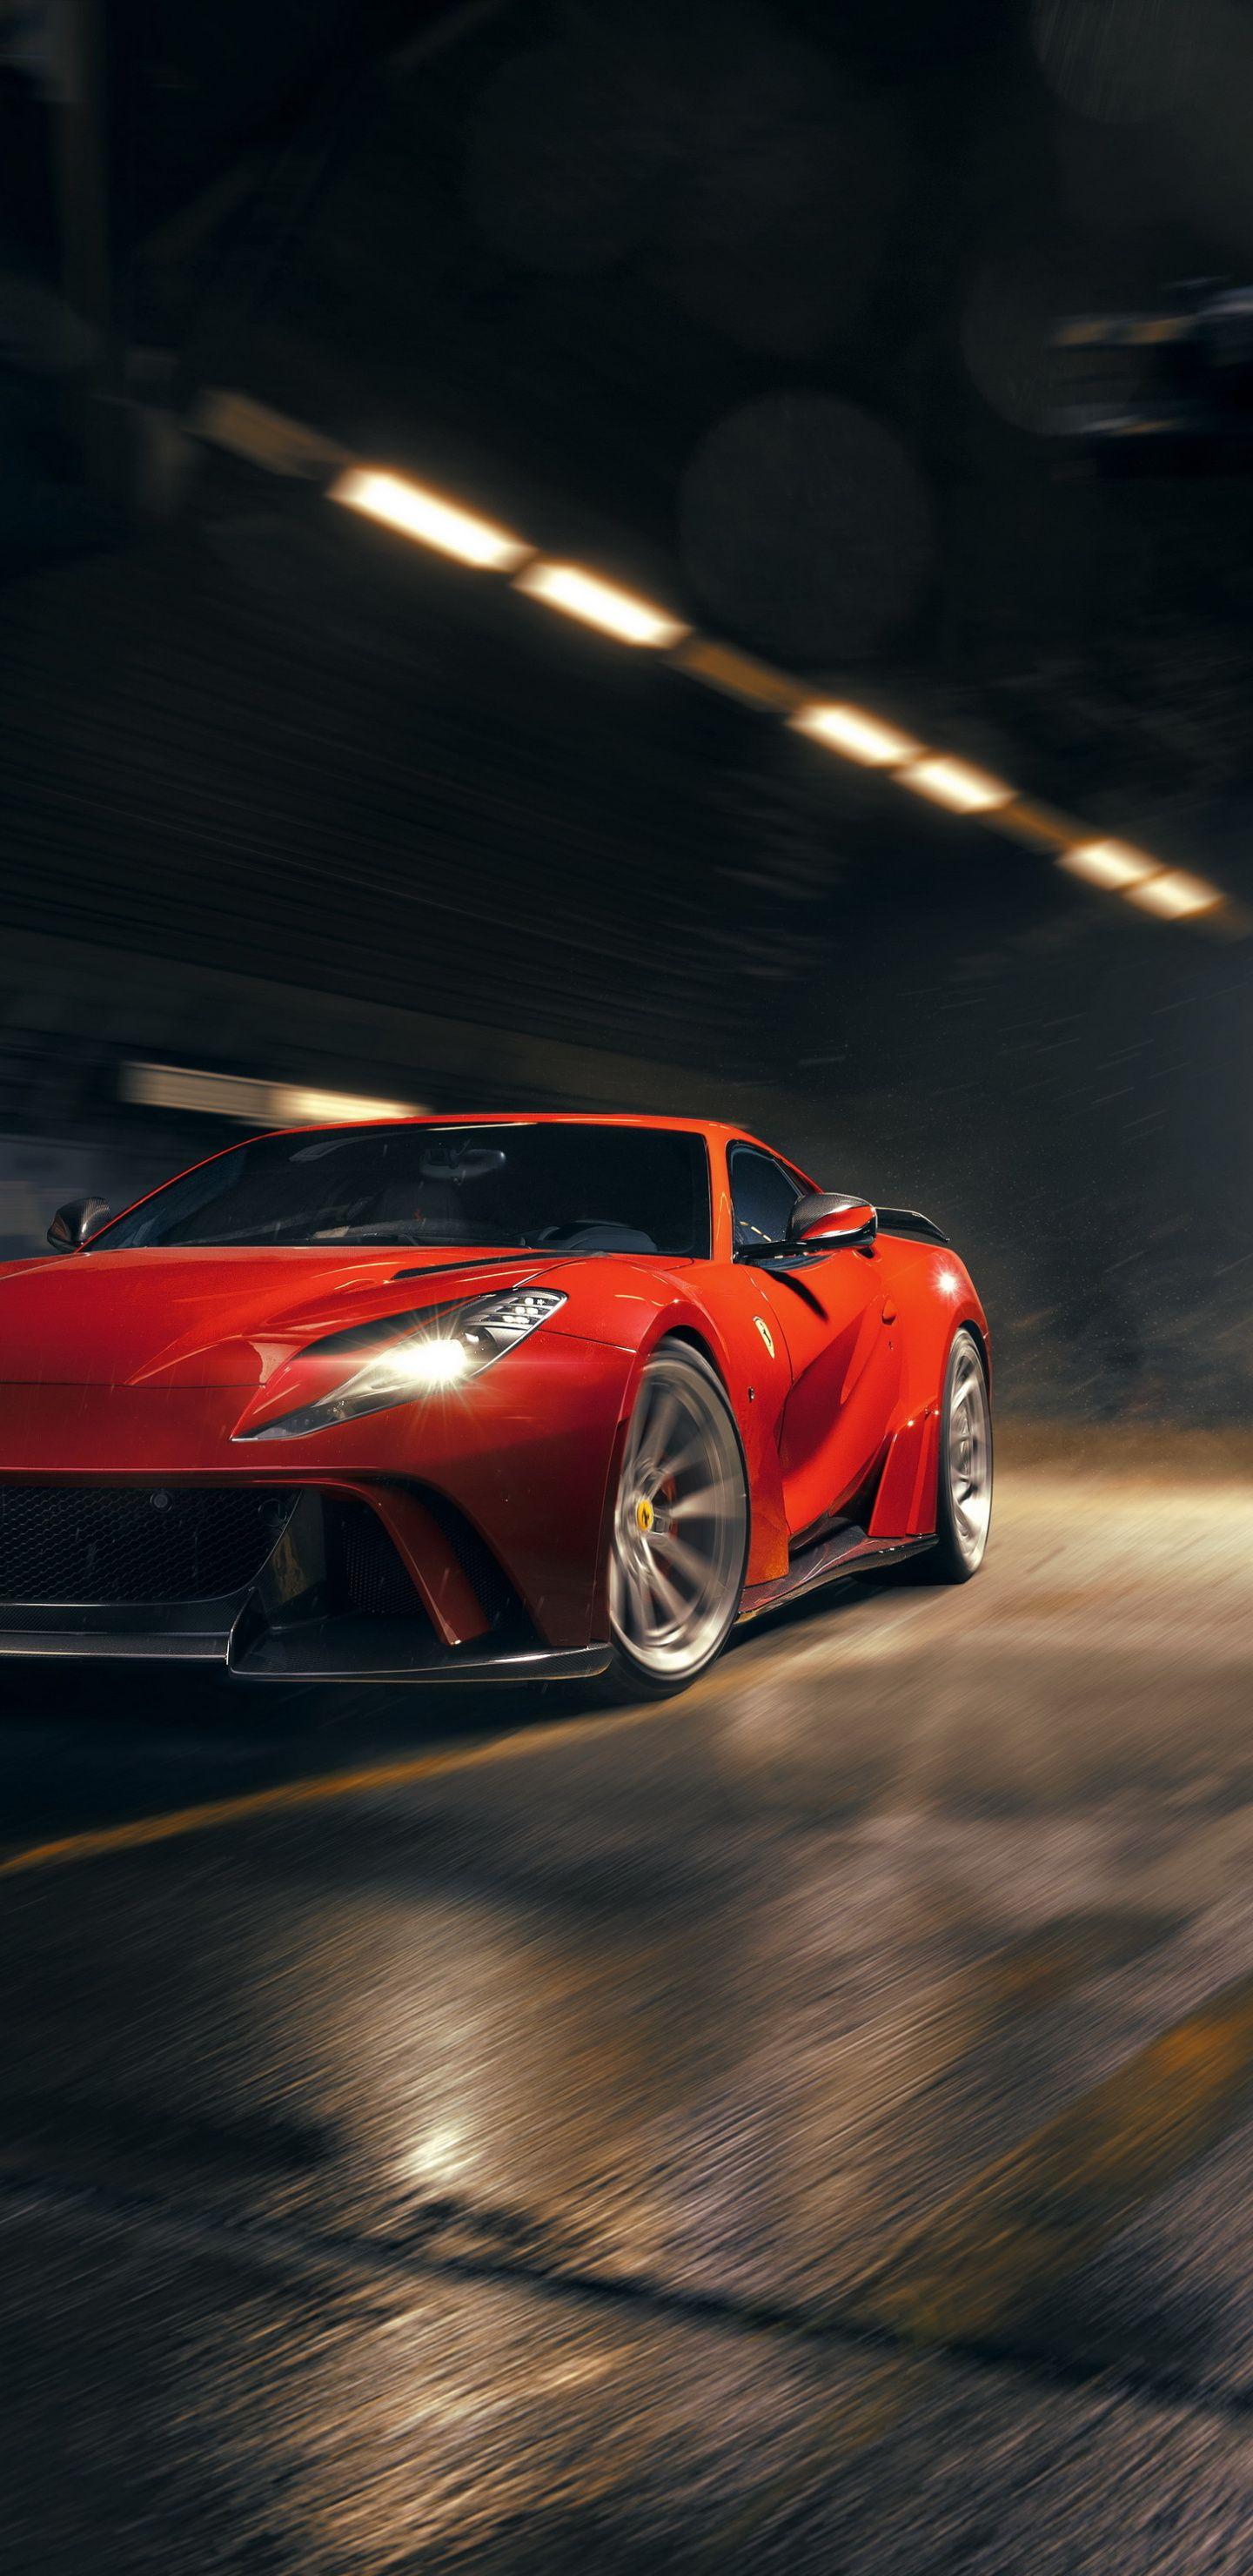 1440x2960 Novitec N Largo Ferrari 812 Superfast 2019 Red Car